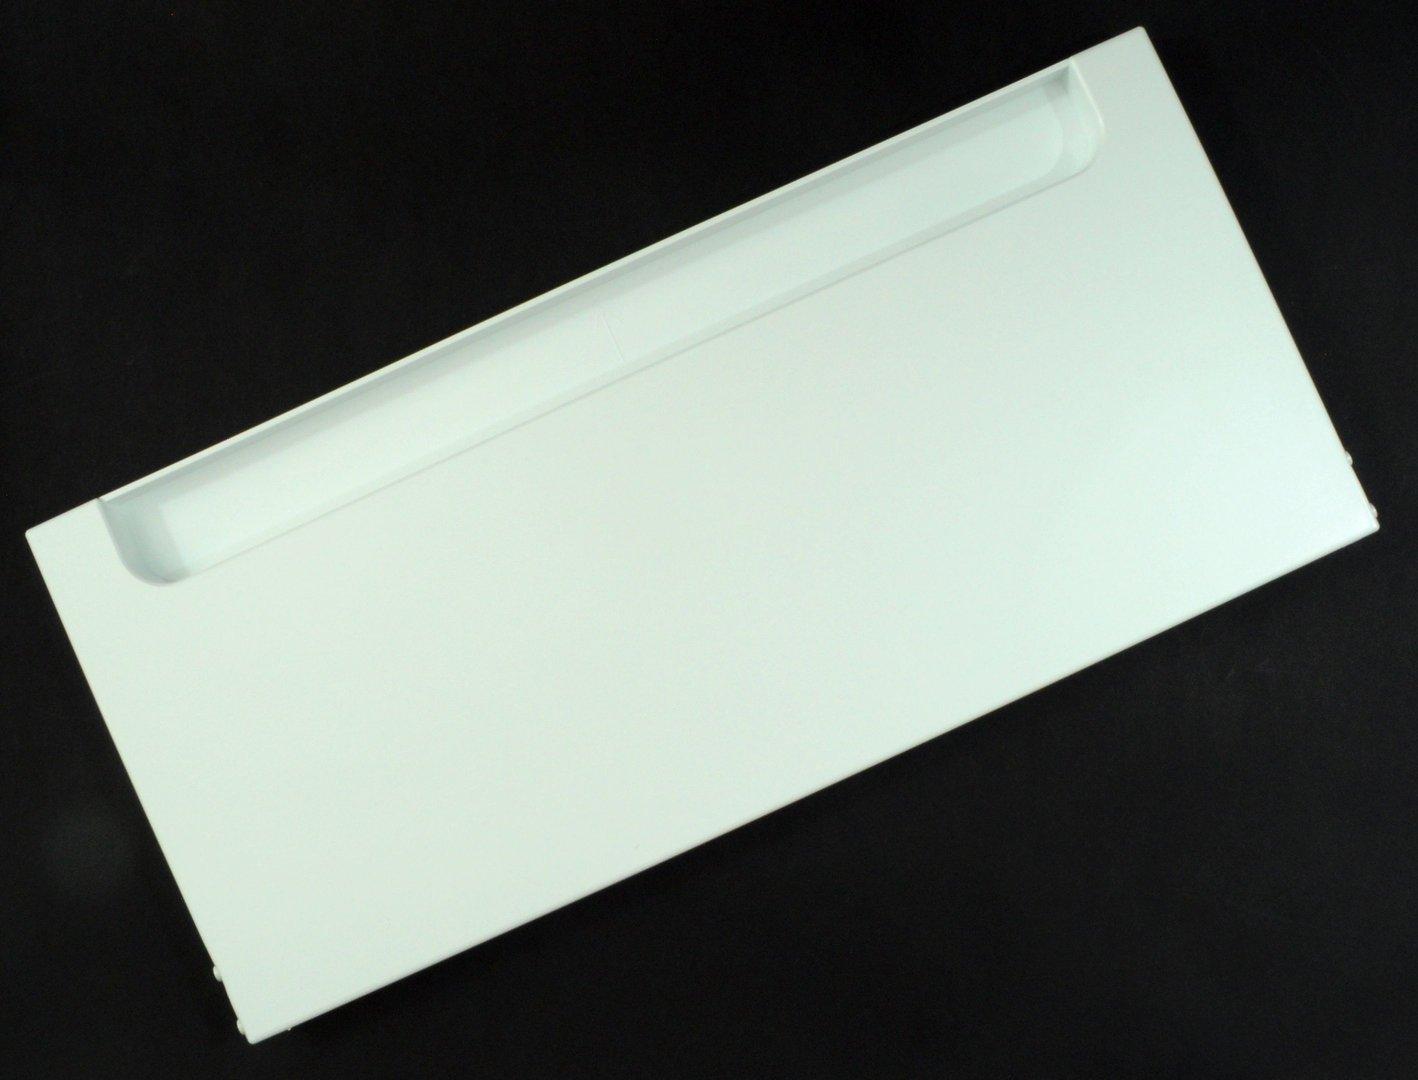 Privileg Zanker Gefrierfach Klappe weiß Gefrierschrank 2003668072